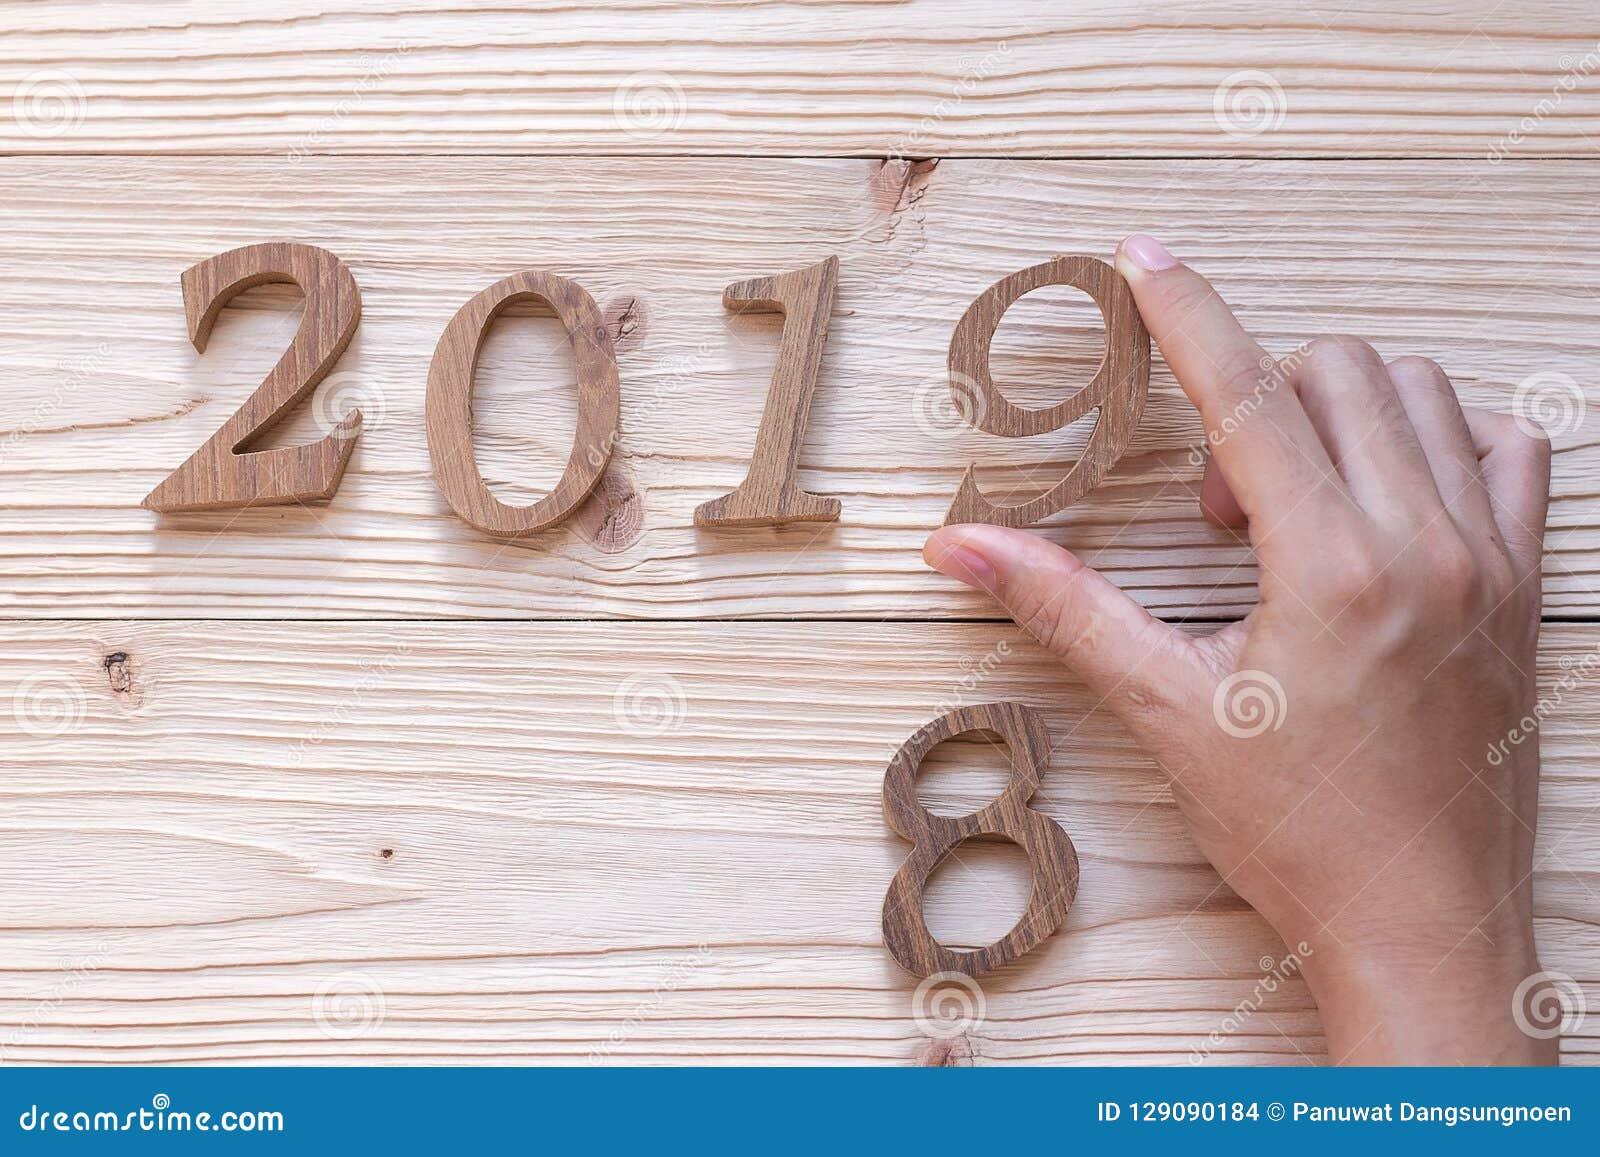 Nummer 2019 på träbakgrund, affärsmål, beskickning, upplösning, nytt nytt år dig